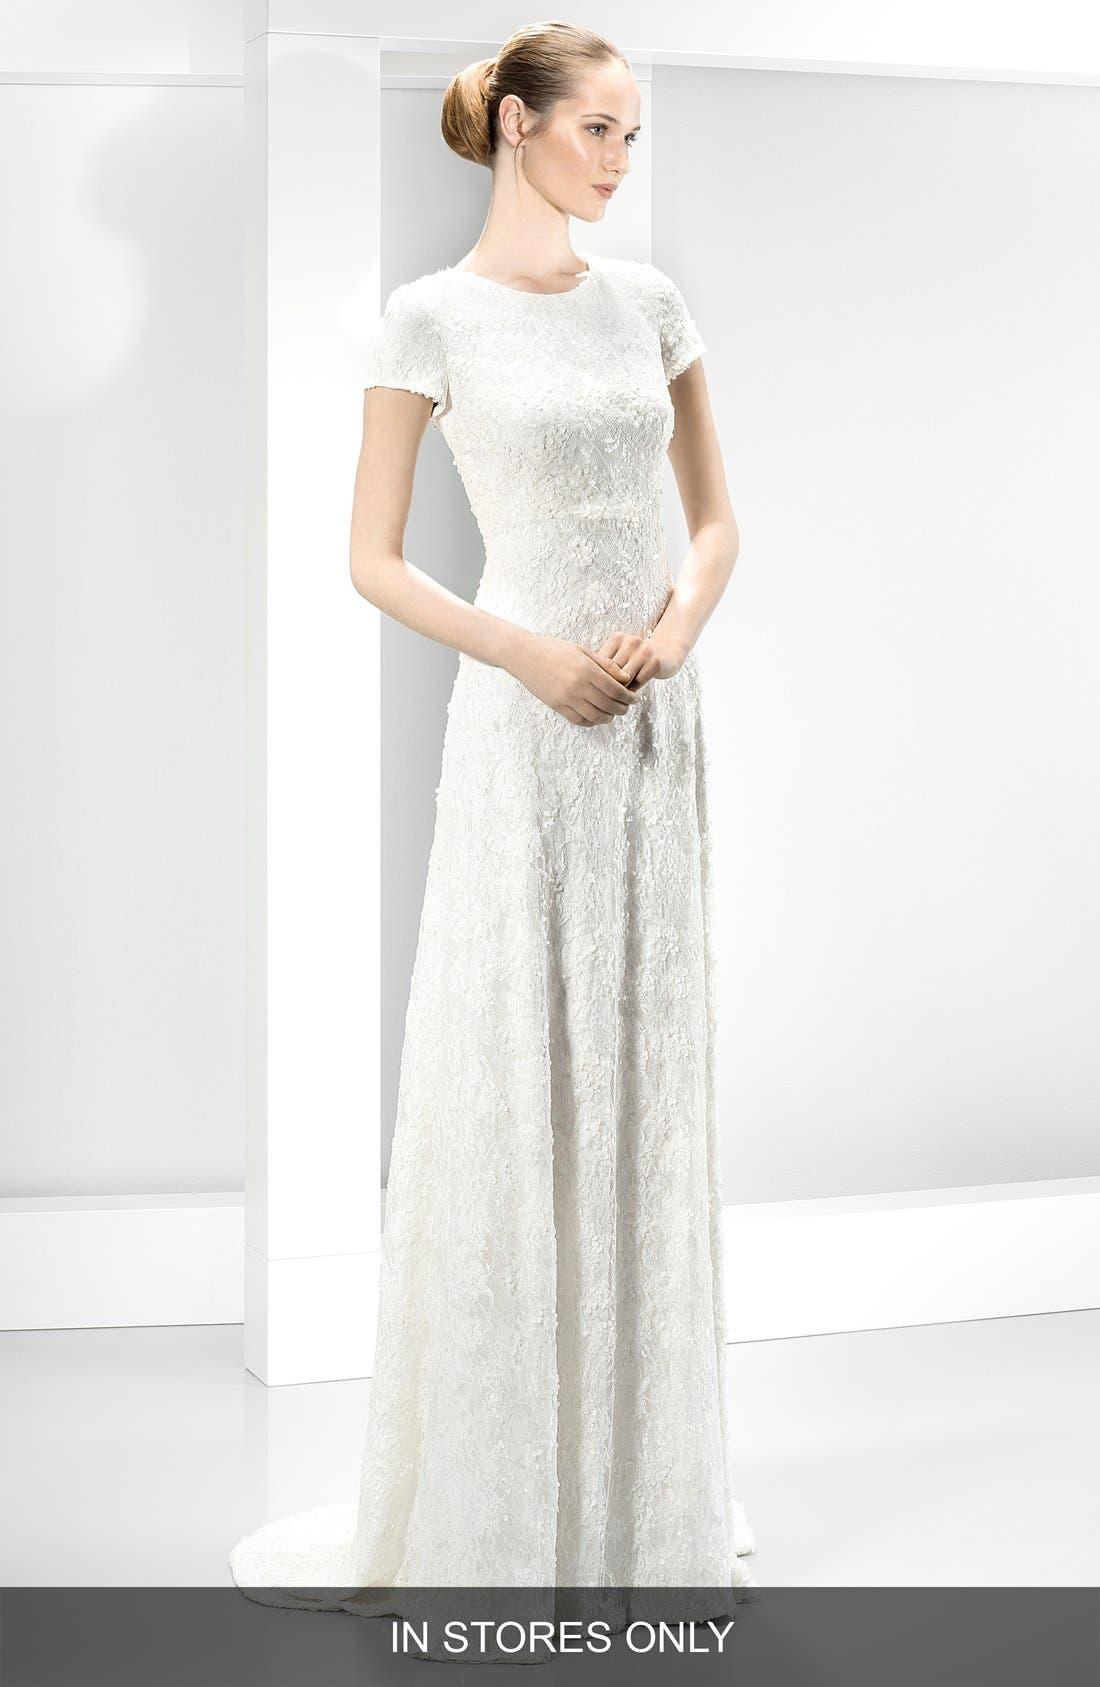 Beautiful Wedding Dress Shops Bath Ideas - Wedding Dress Ideas ...